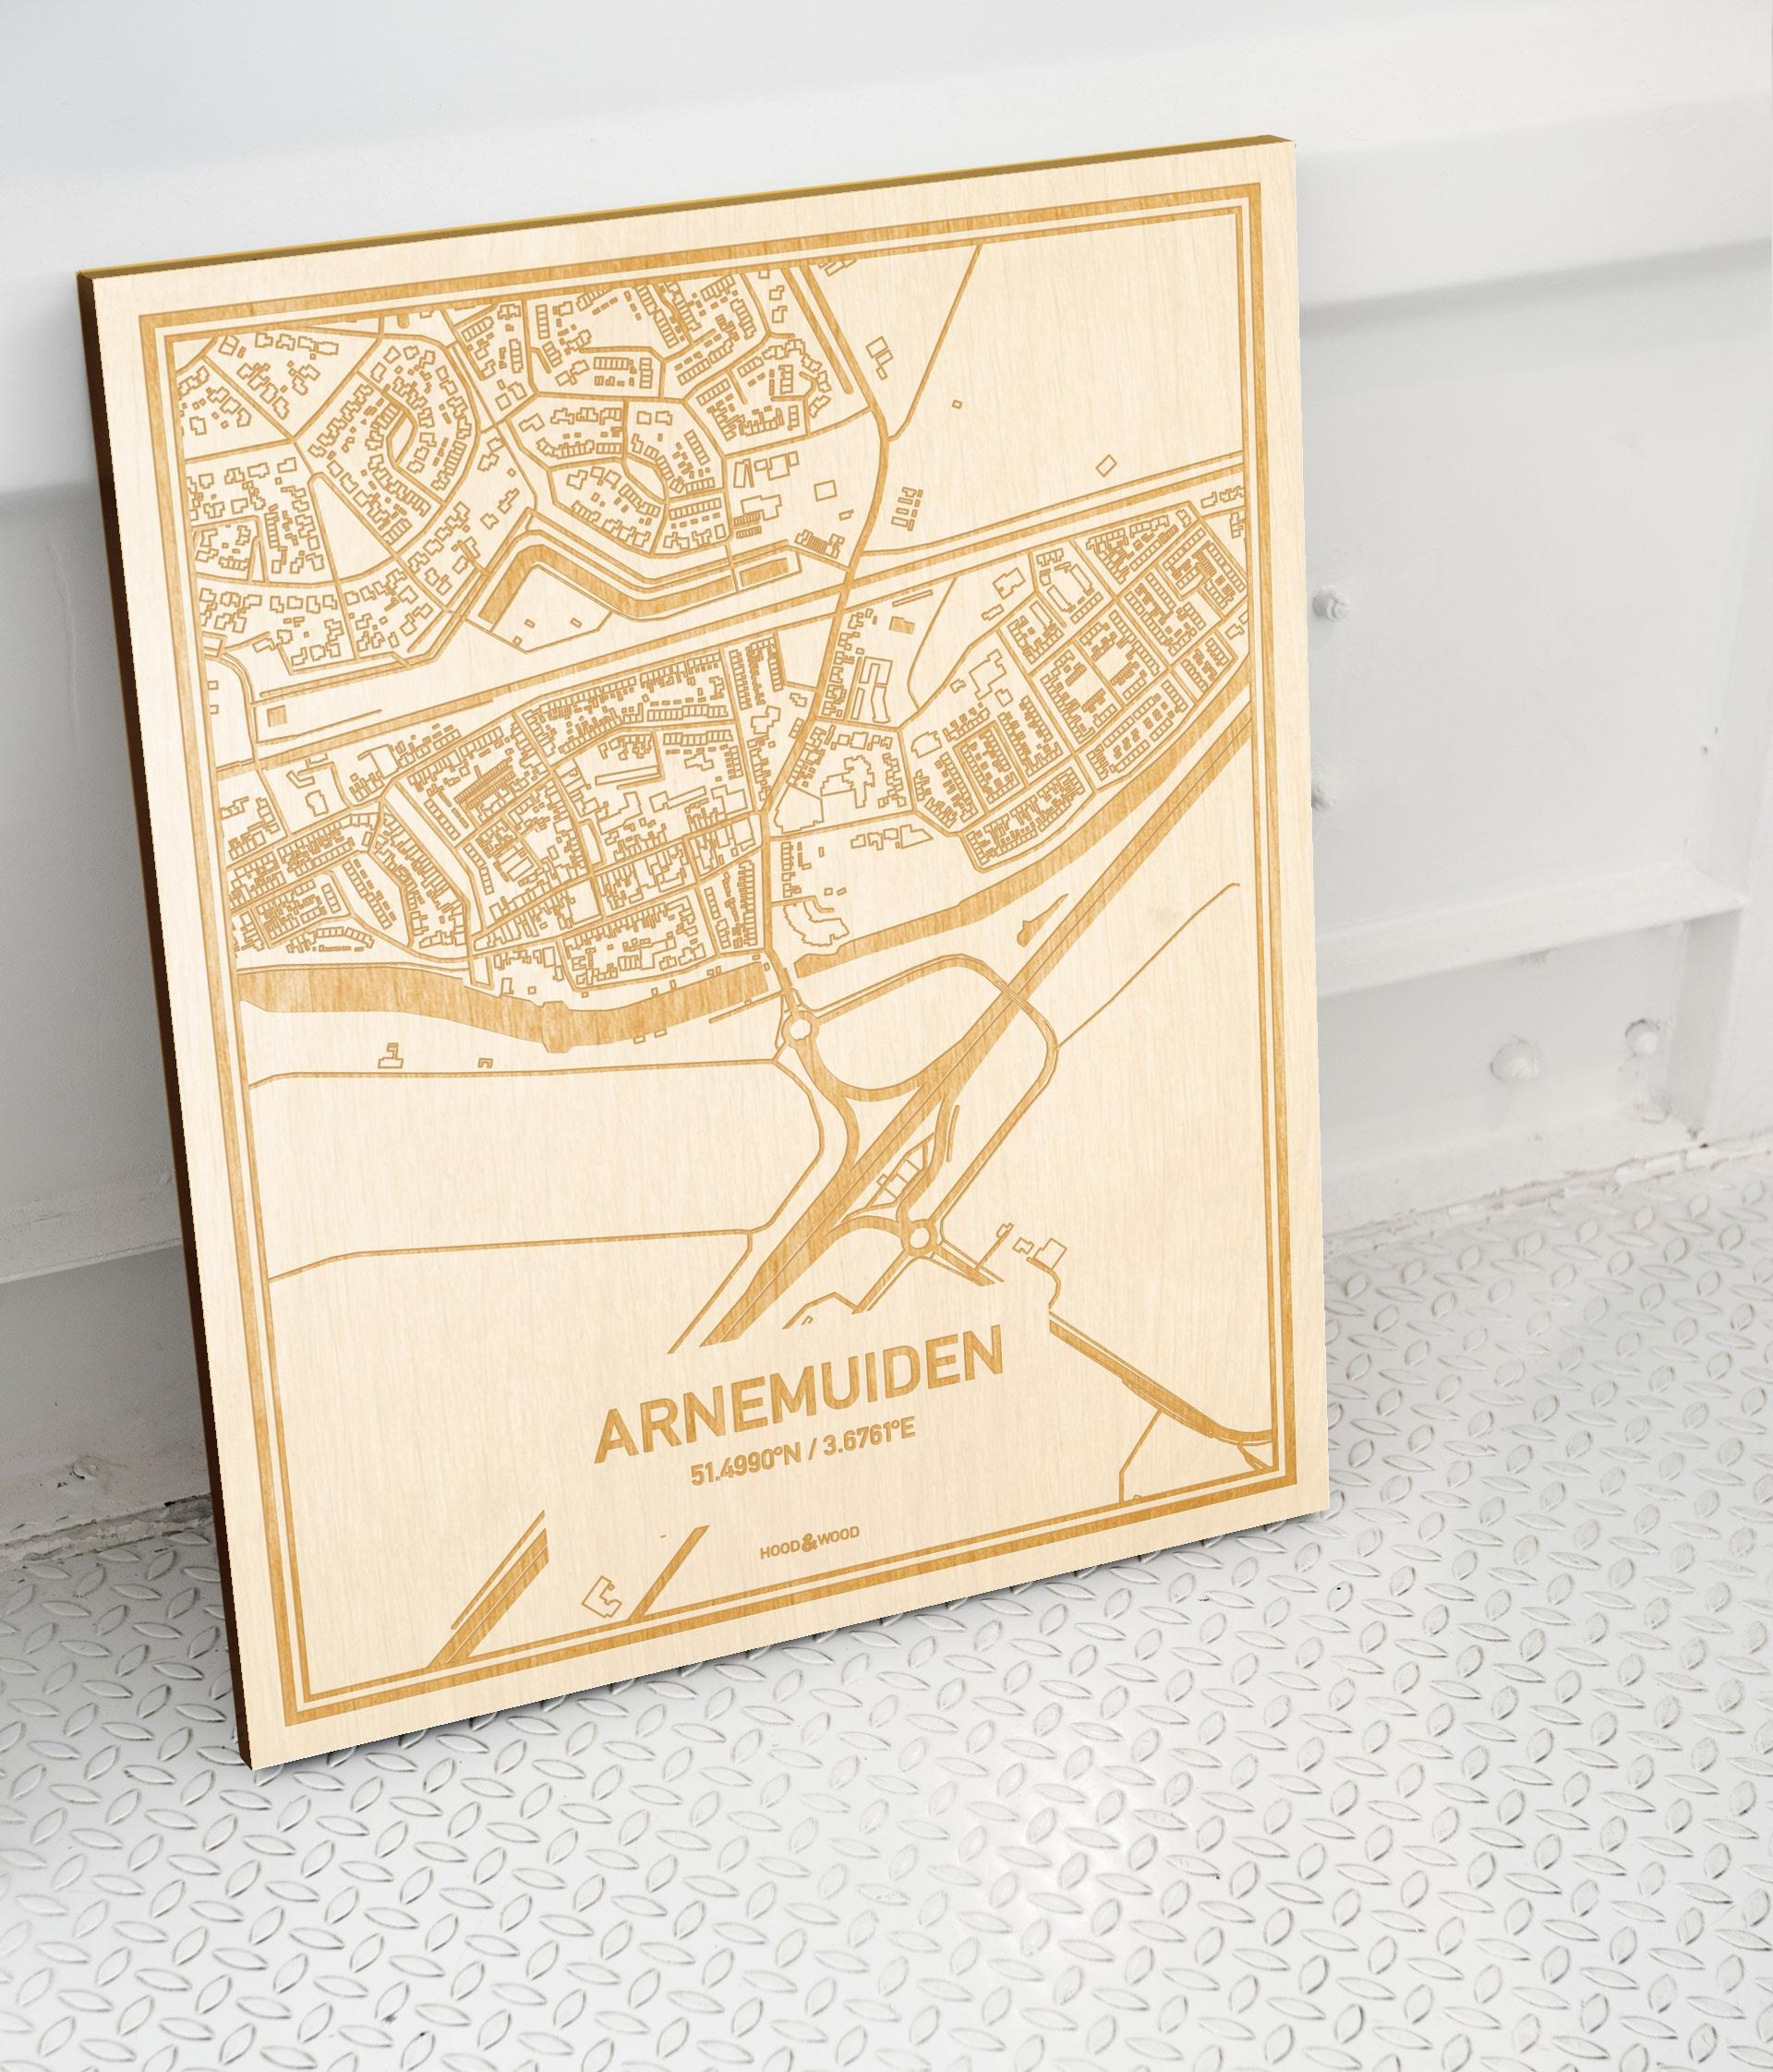 Plattegrond Arnemuiden als prachtige houten wanddecoratie. Het warme hout contrasteert mooi met de witte muur.